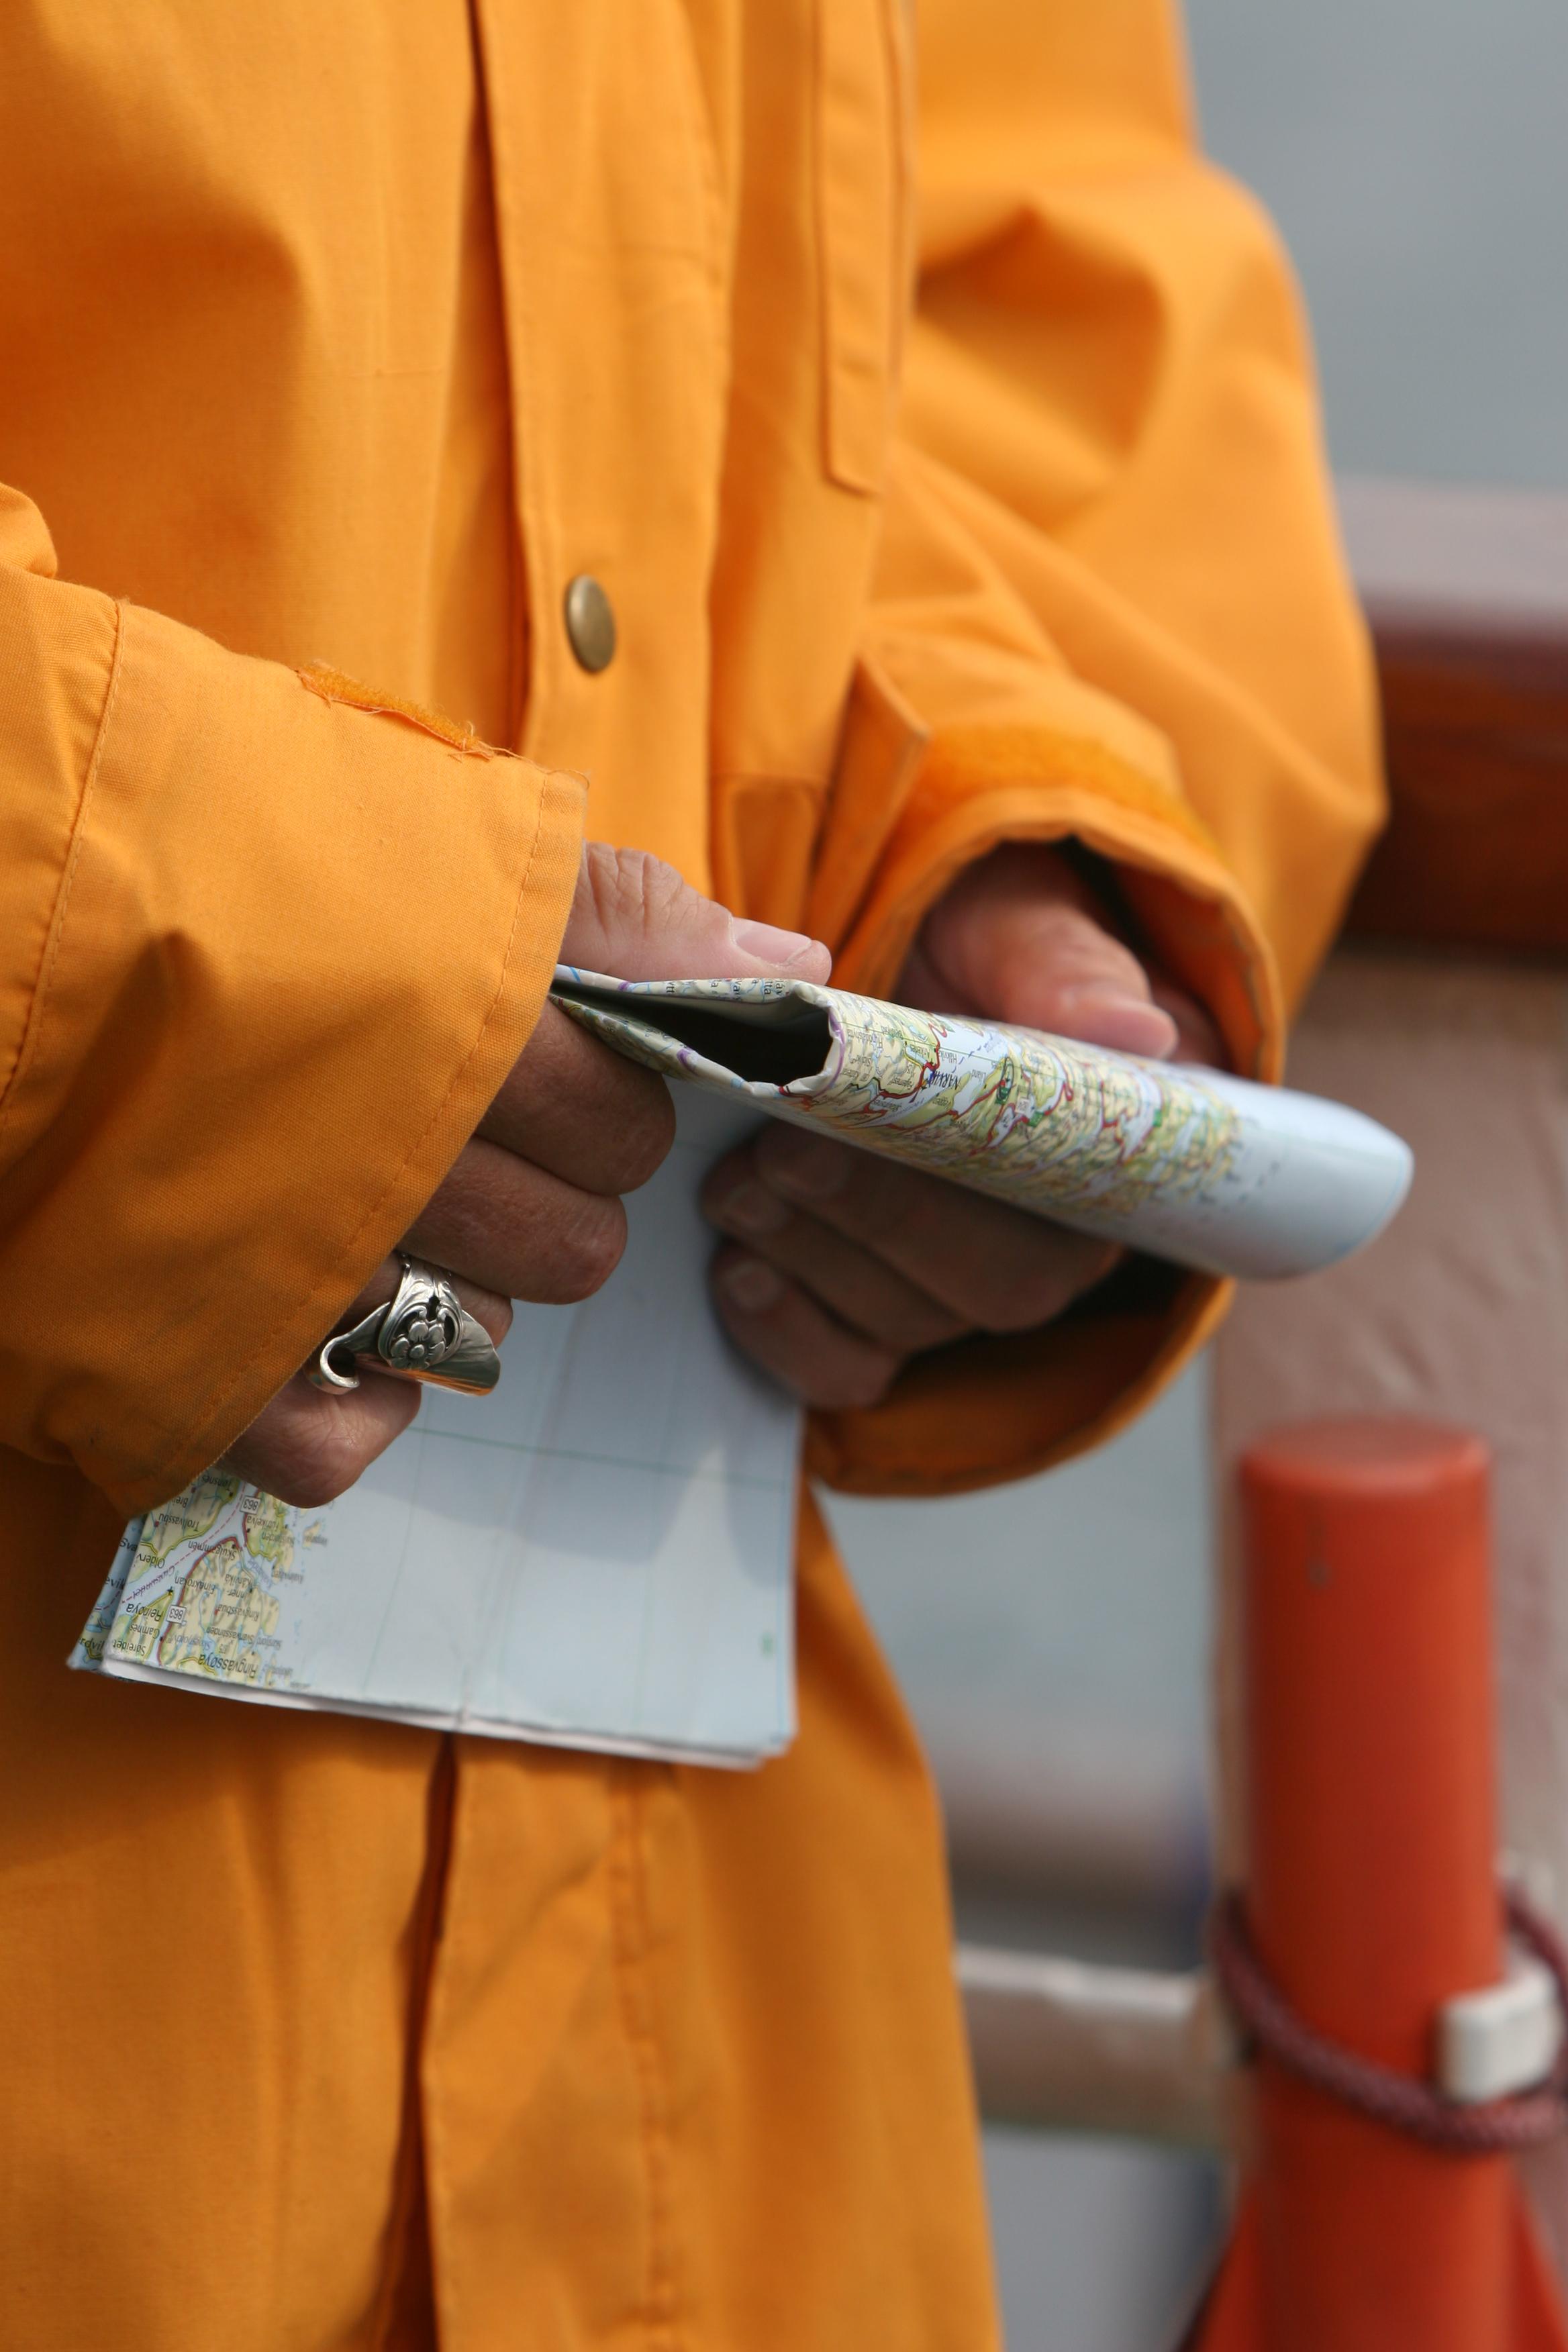 Veikartet for reiseliv og en skjør reiselivsmelding fra regjeringen hjelper ikke i årene som kommer. Foto: Odd Roar Lange